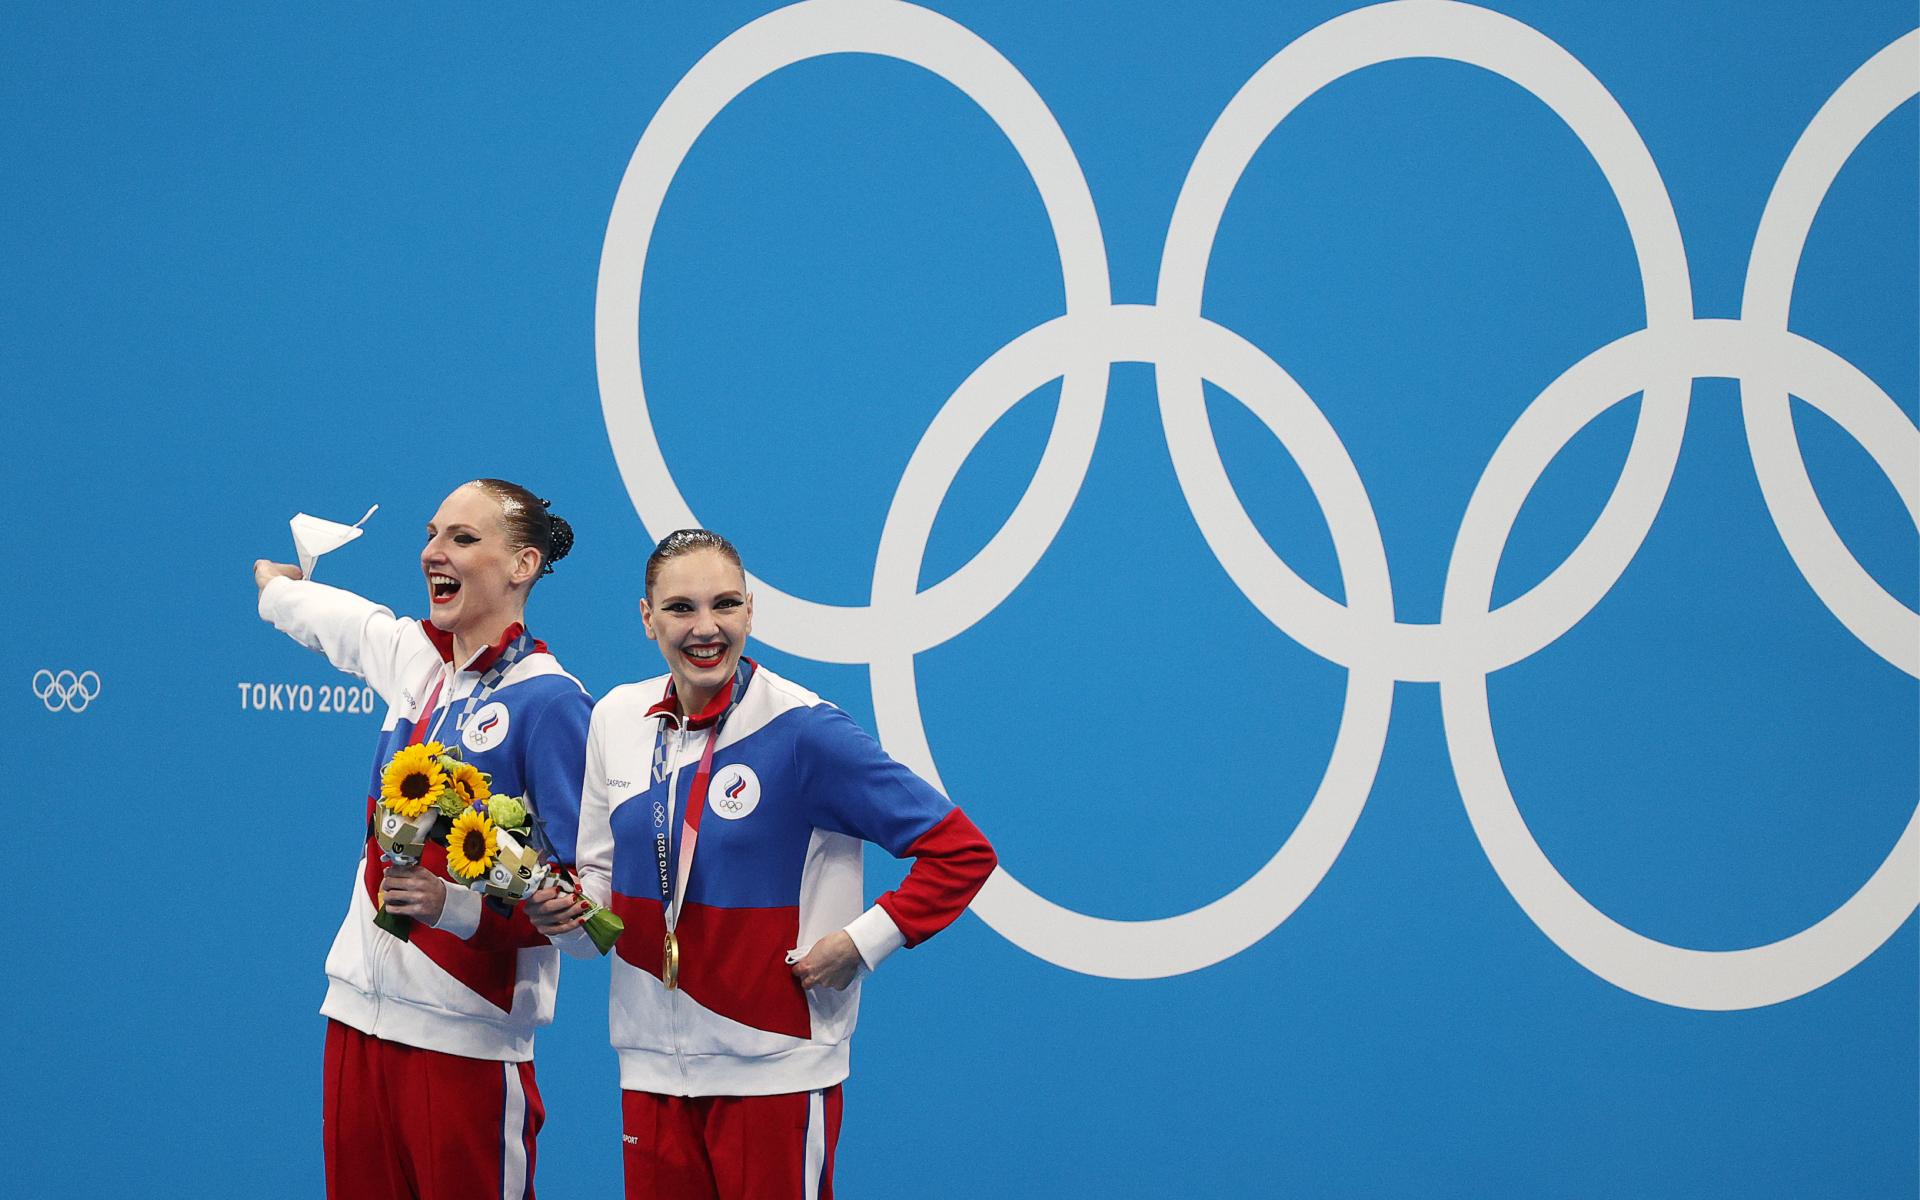 Фото: Светлана Ромашина и Светлана Колесниченко (Сергей Бобылев/ТАСС)